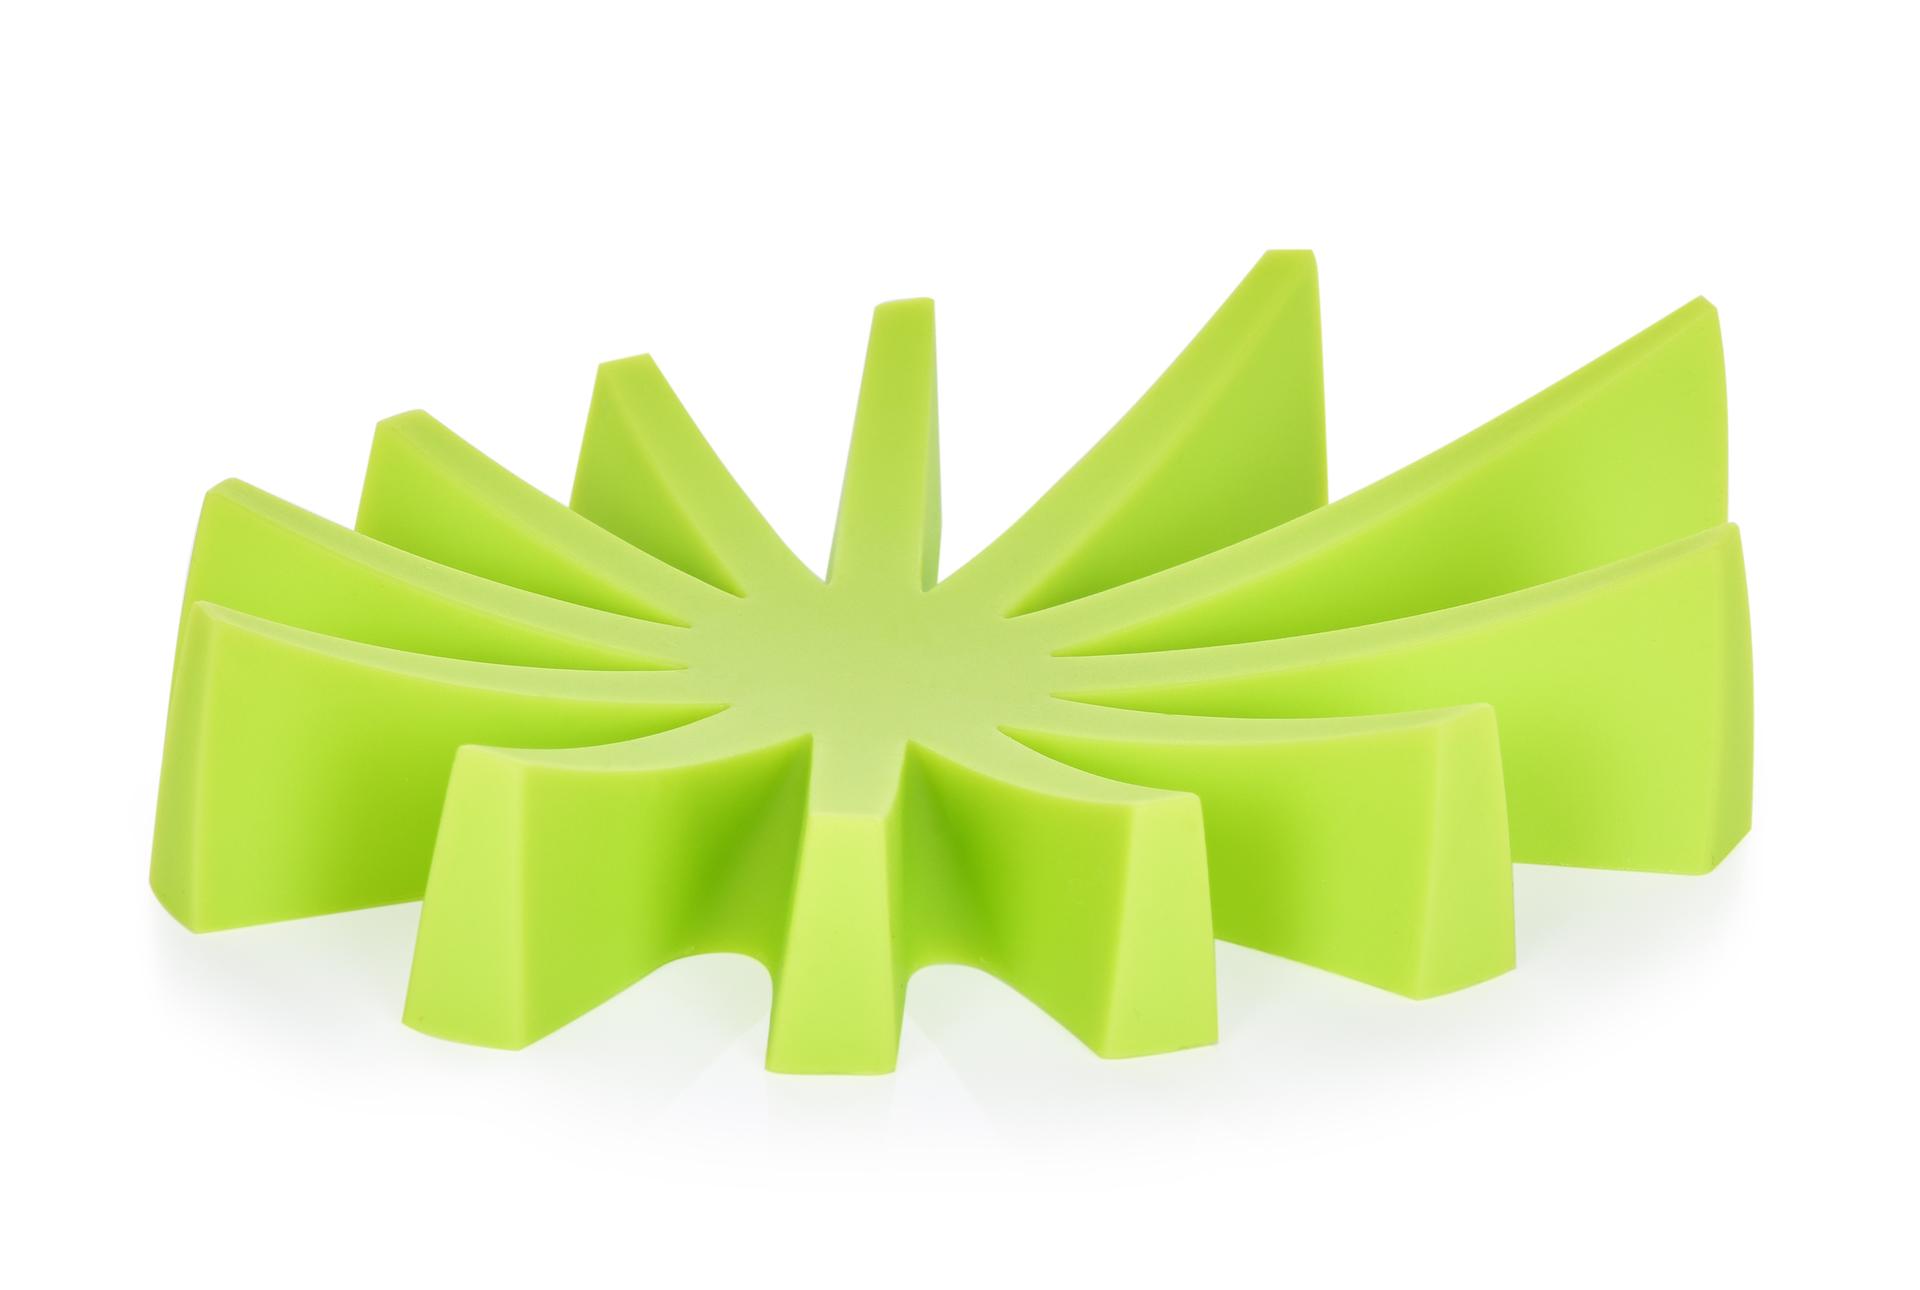 Mýdlovník zelený stojan na tuhá mýdla silikon